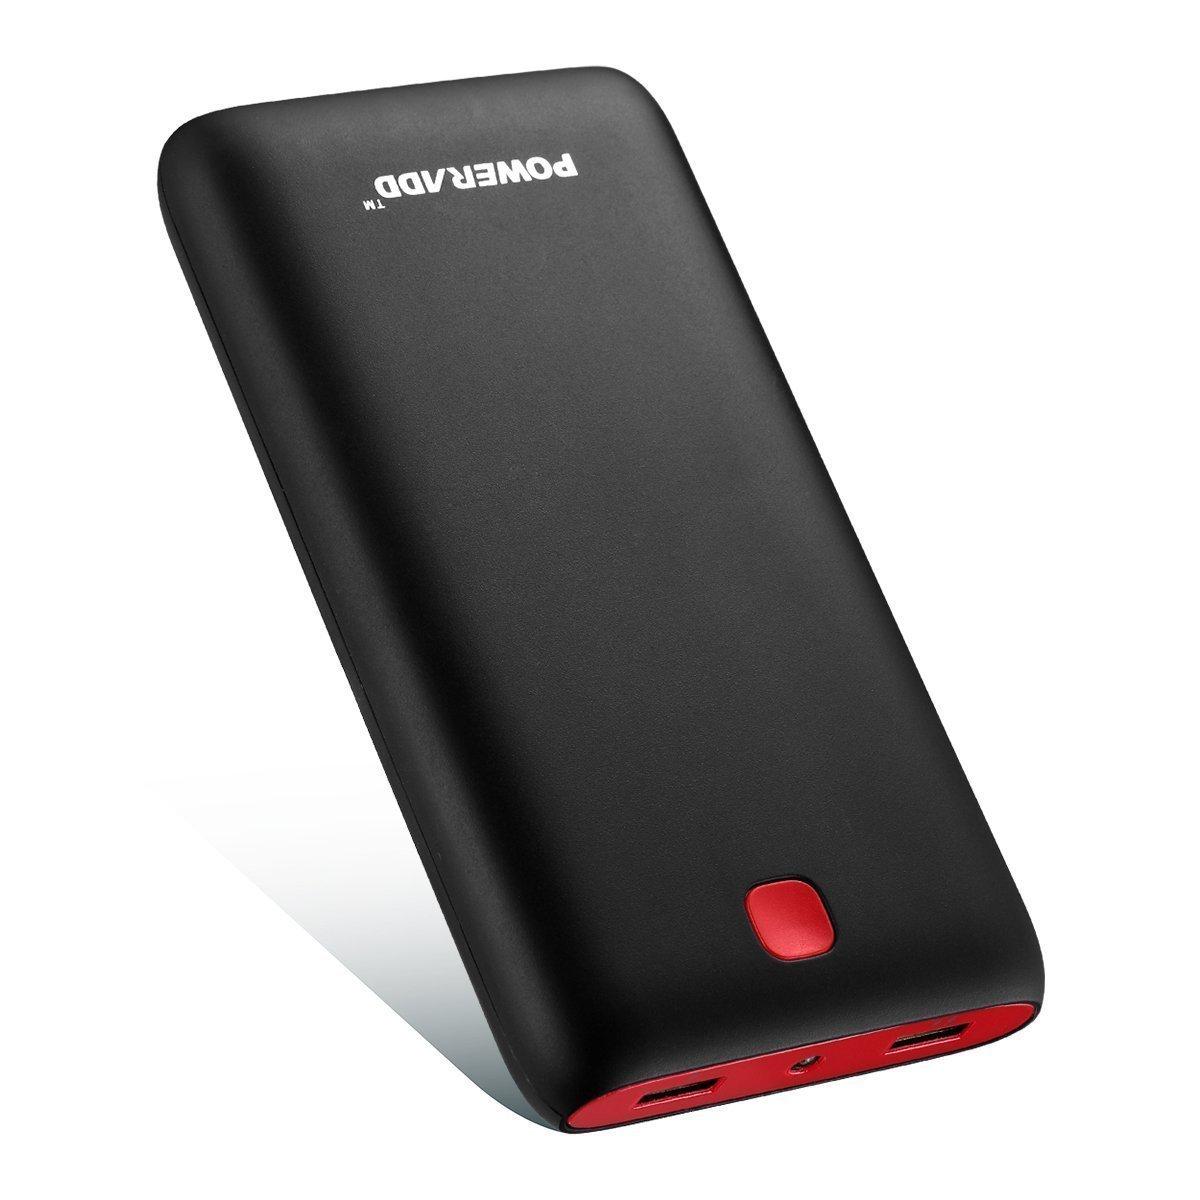 mejores baterias externas